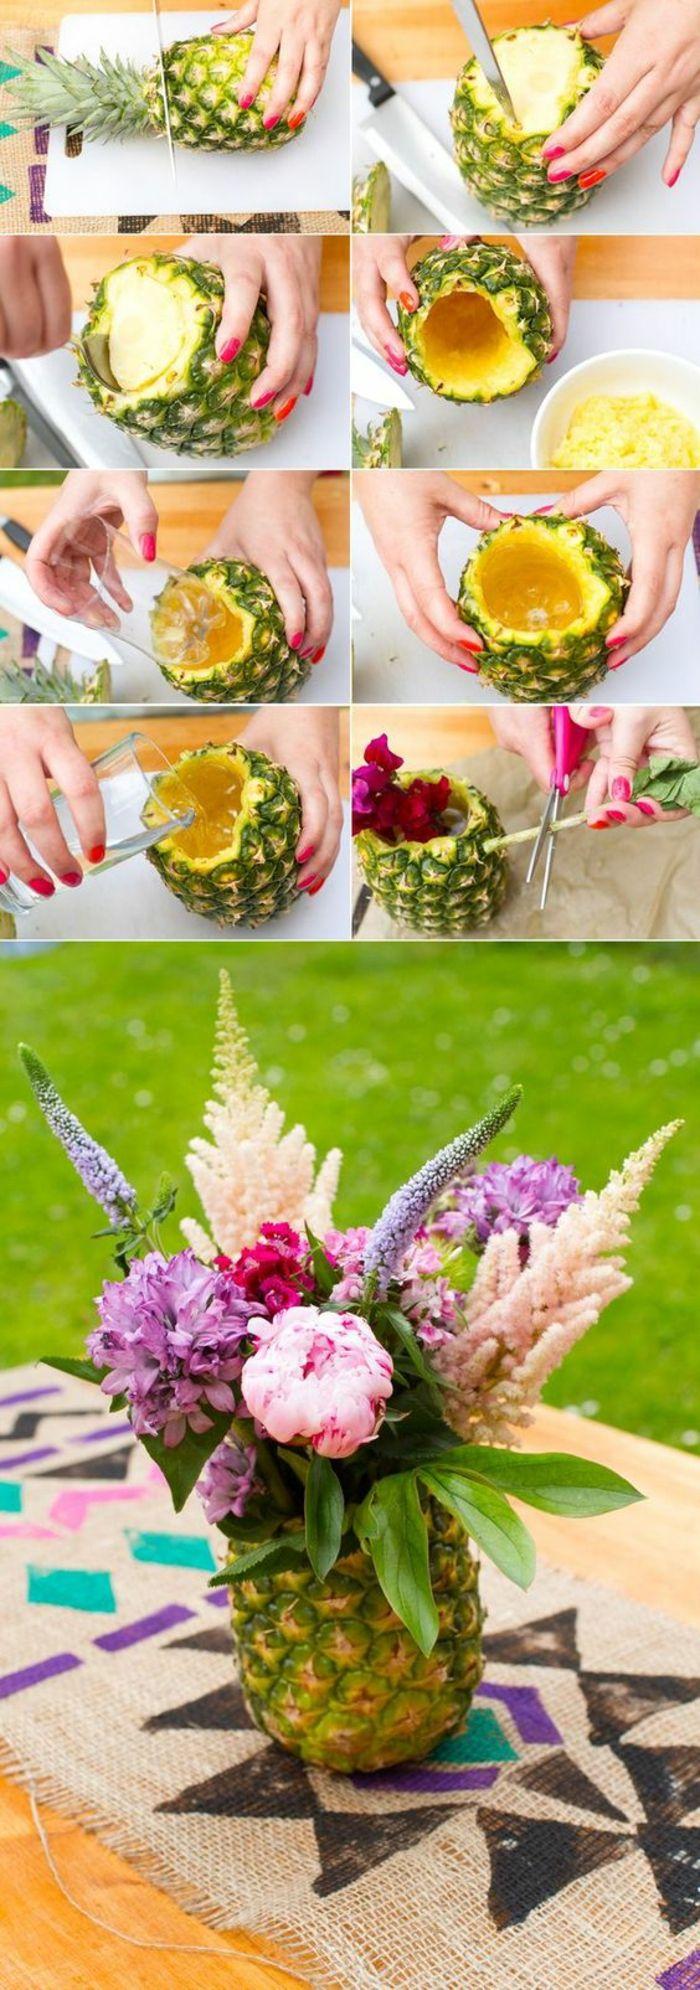 bastelideen fr C3 BChling ananas blumen tisch tischdeko selber machen schere plastikflasche vase